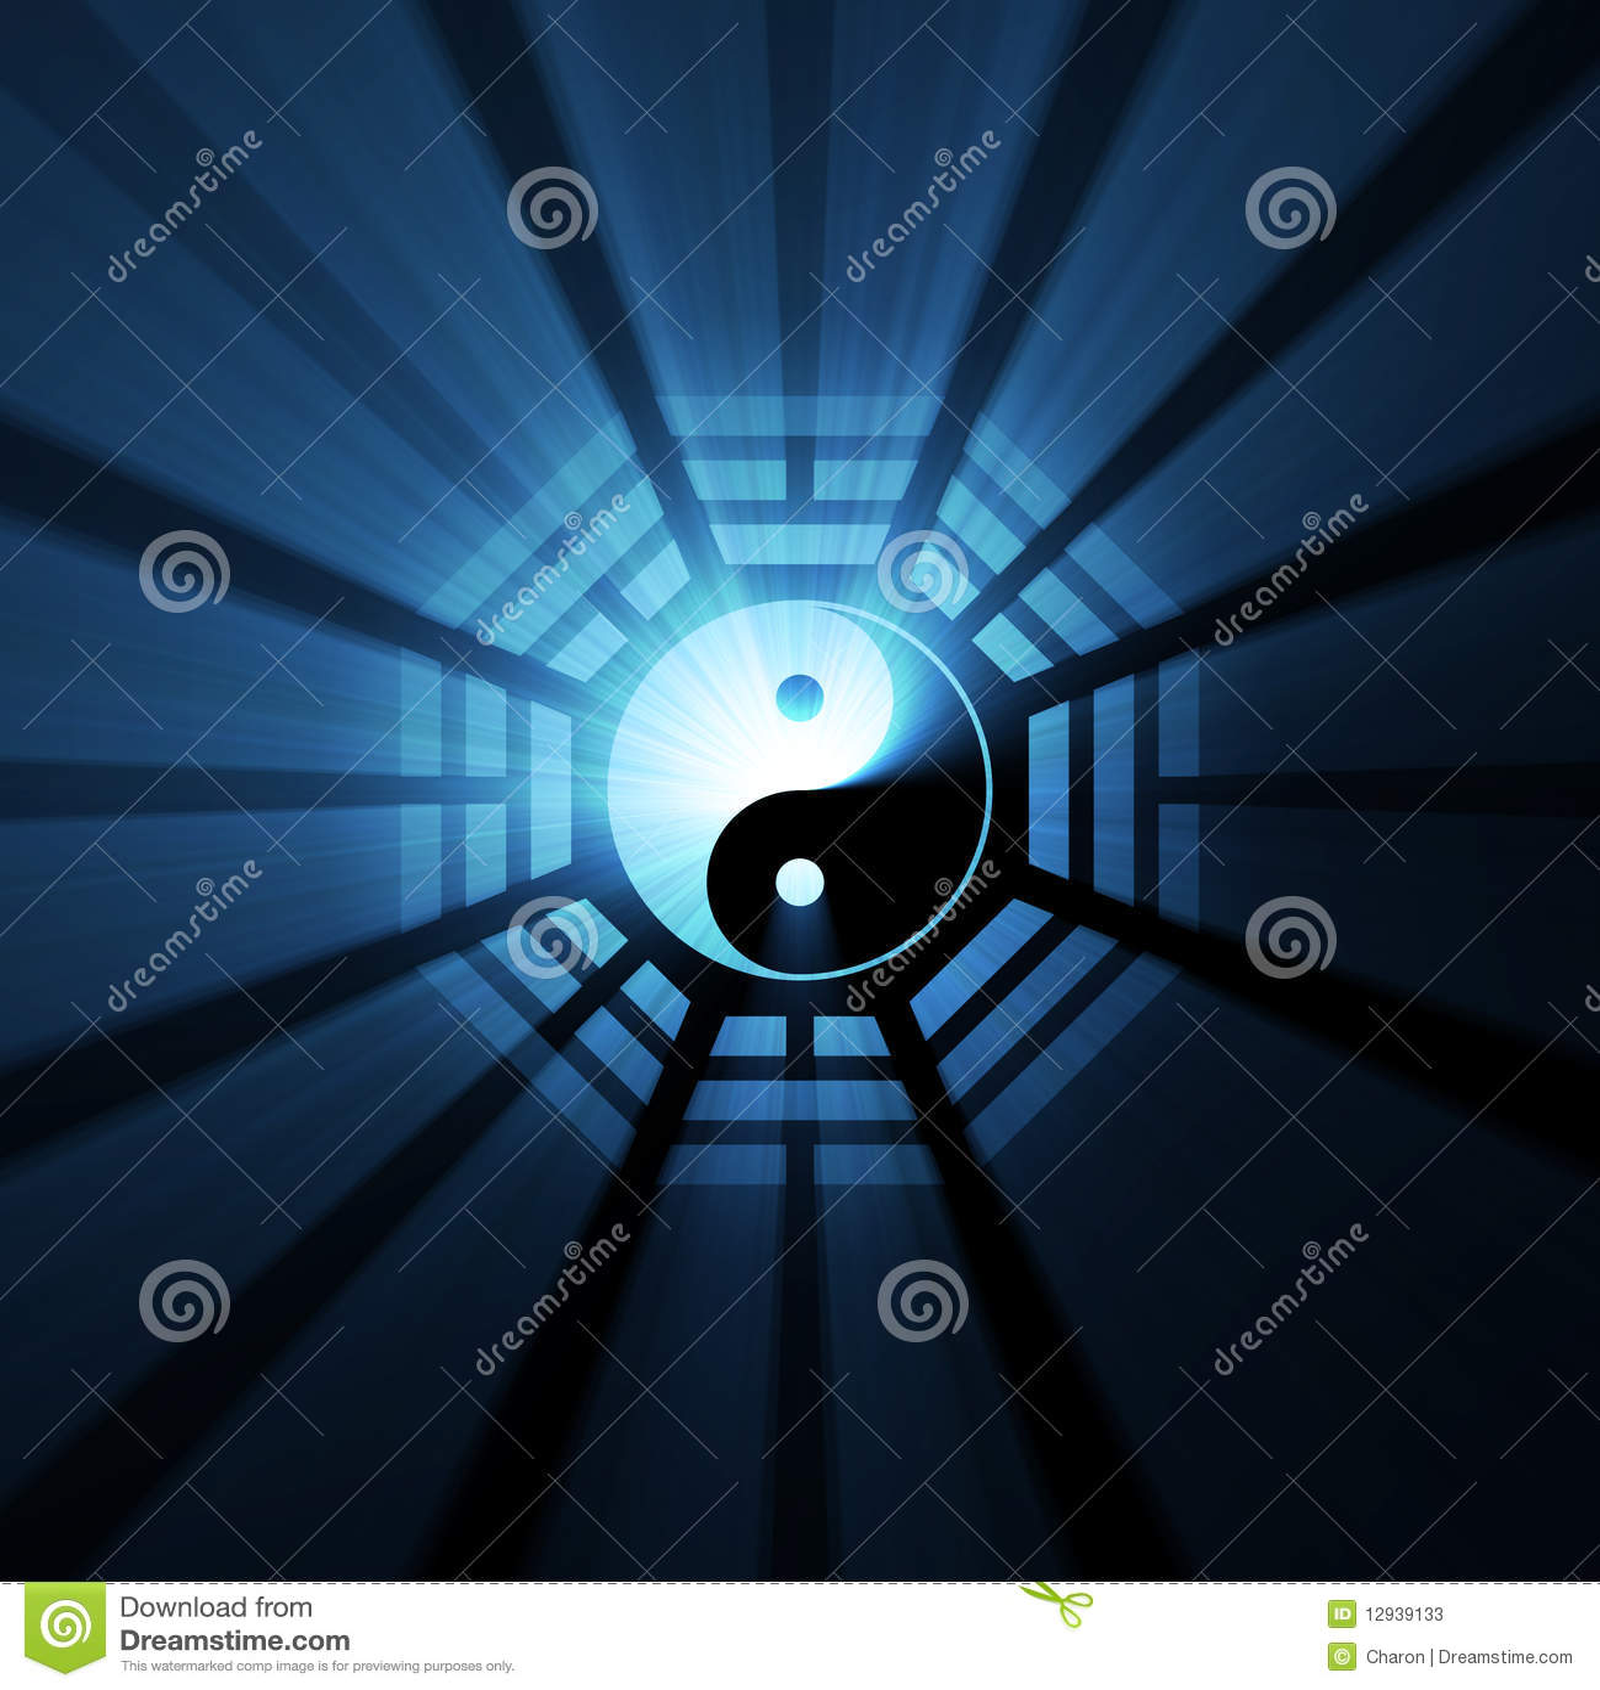 yin yang wallpaper hd 1366x768